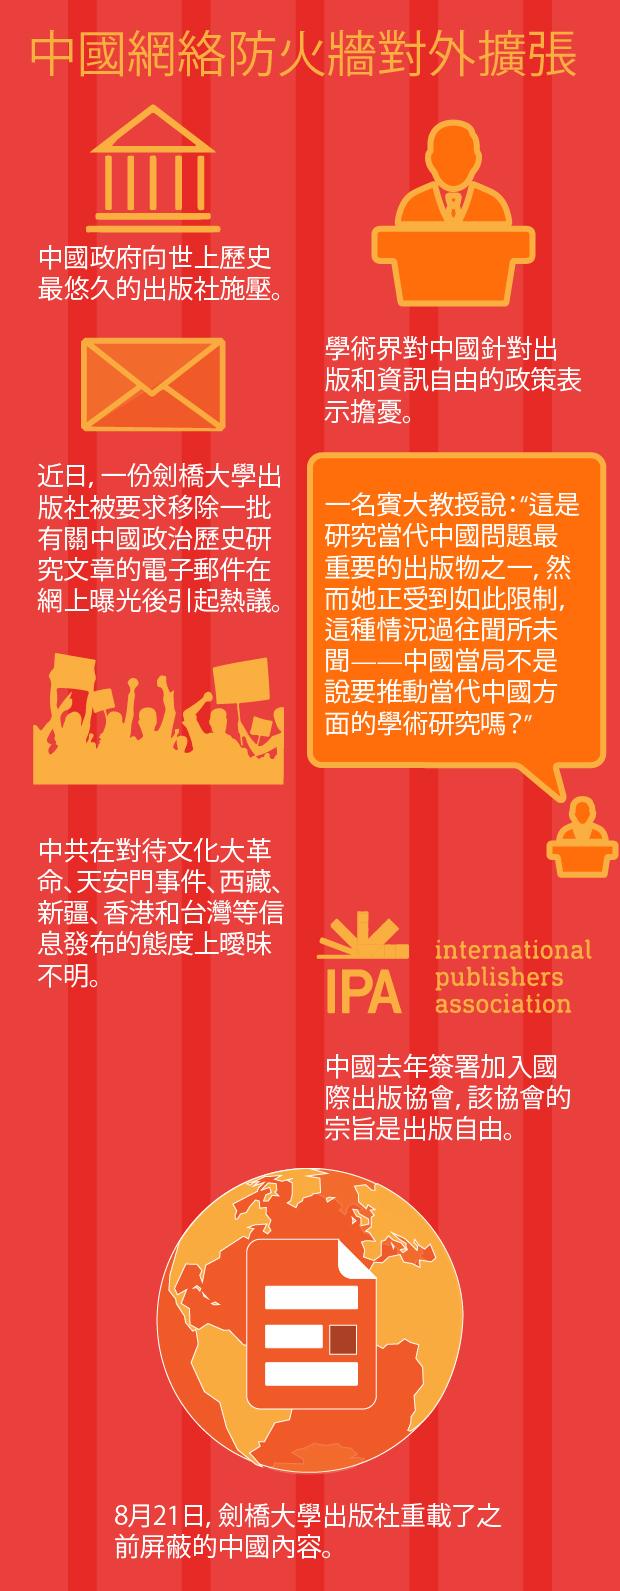 中國要求劍橋大學出版社撤敏感文章。(自由亞洲信息圖)